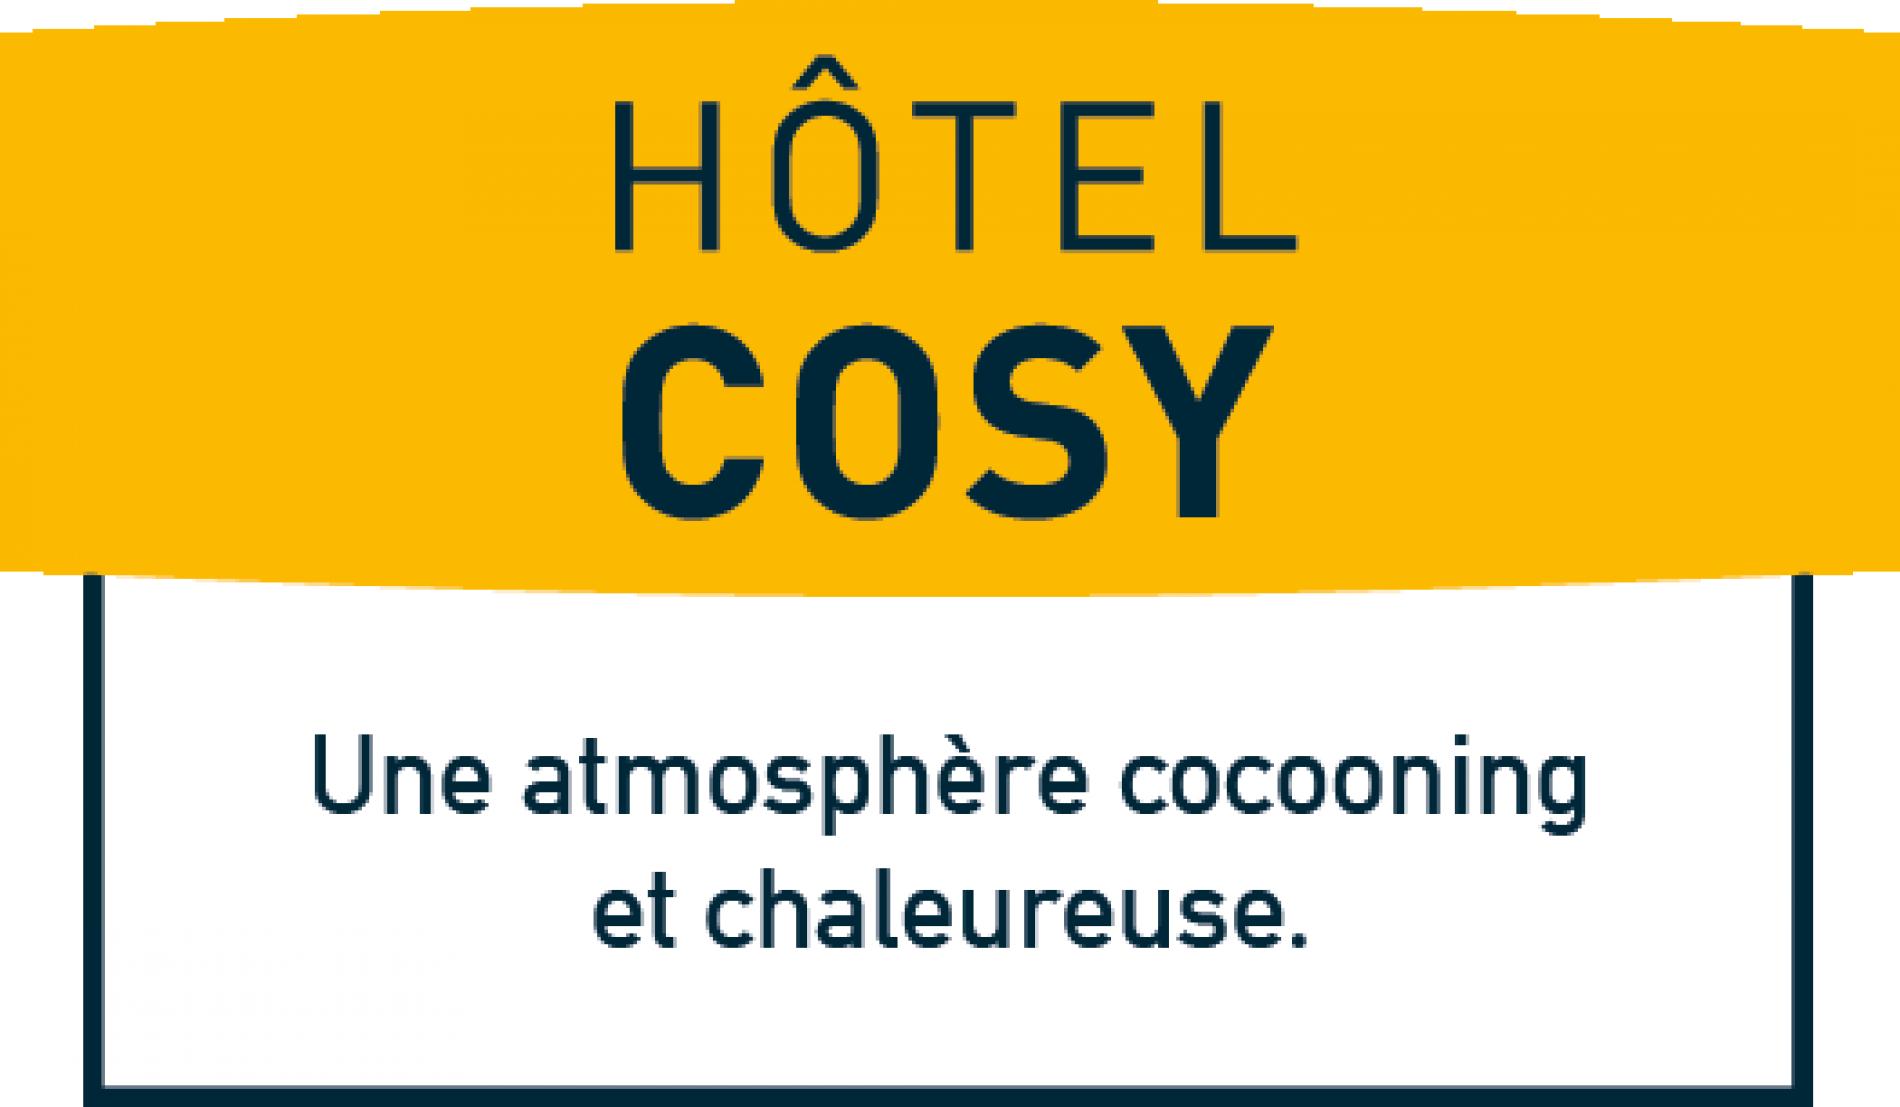 Logis Hôtel les Voiles à Sainte-Adresse, Normandie - Logo Hôtel Cosy Logis